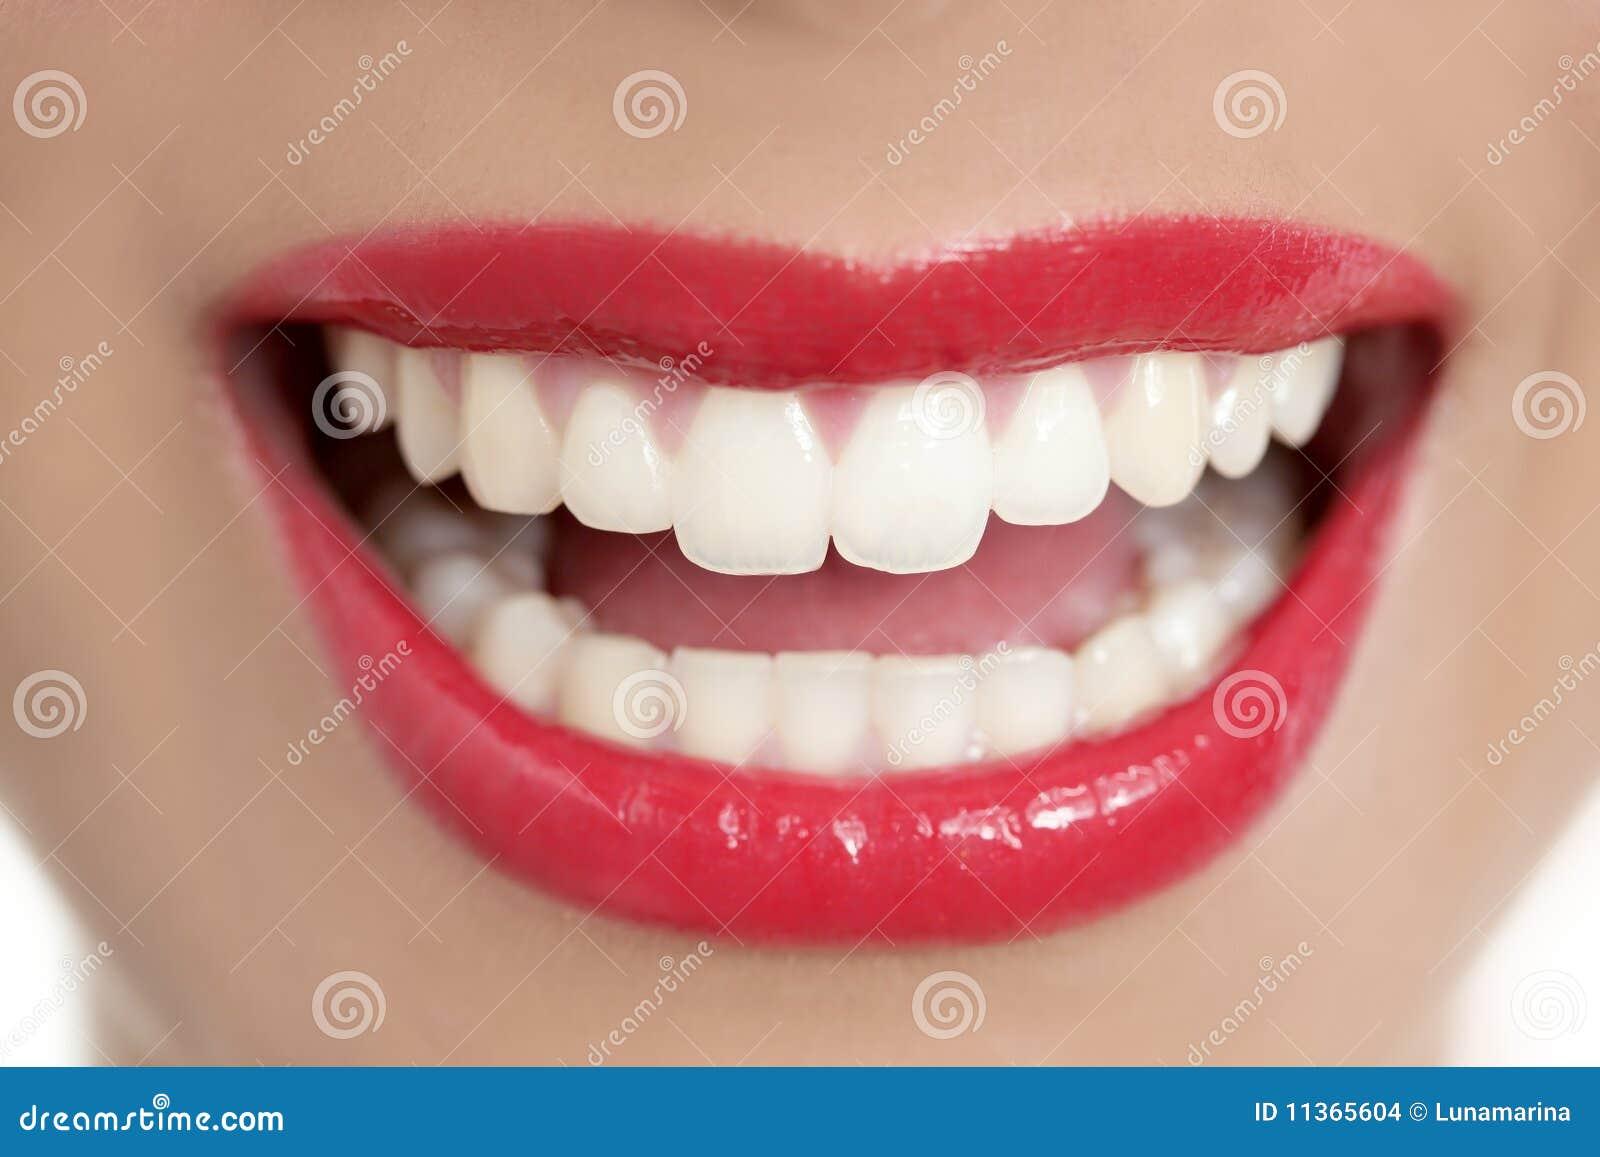 sorriso-perfeito-dos-dentes-da-mulher-bonita-11365604.jpg